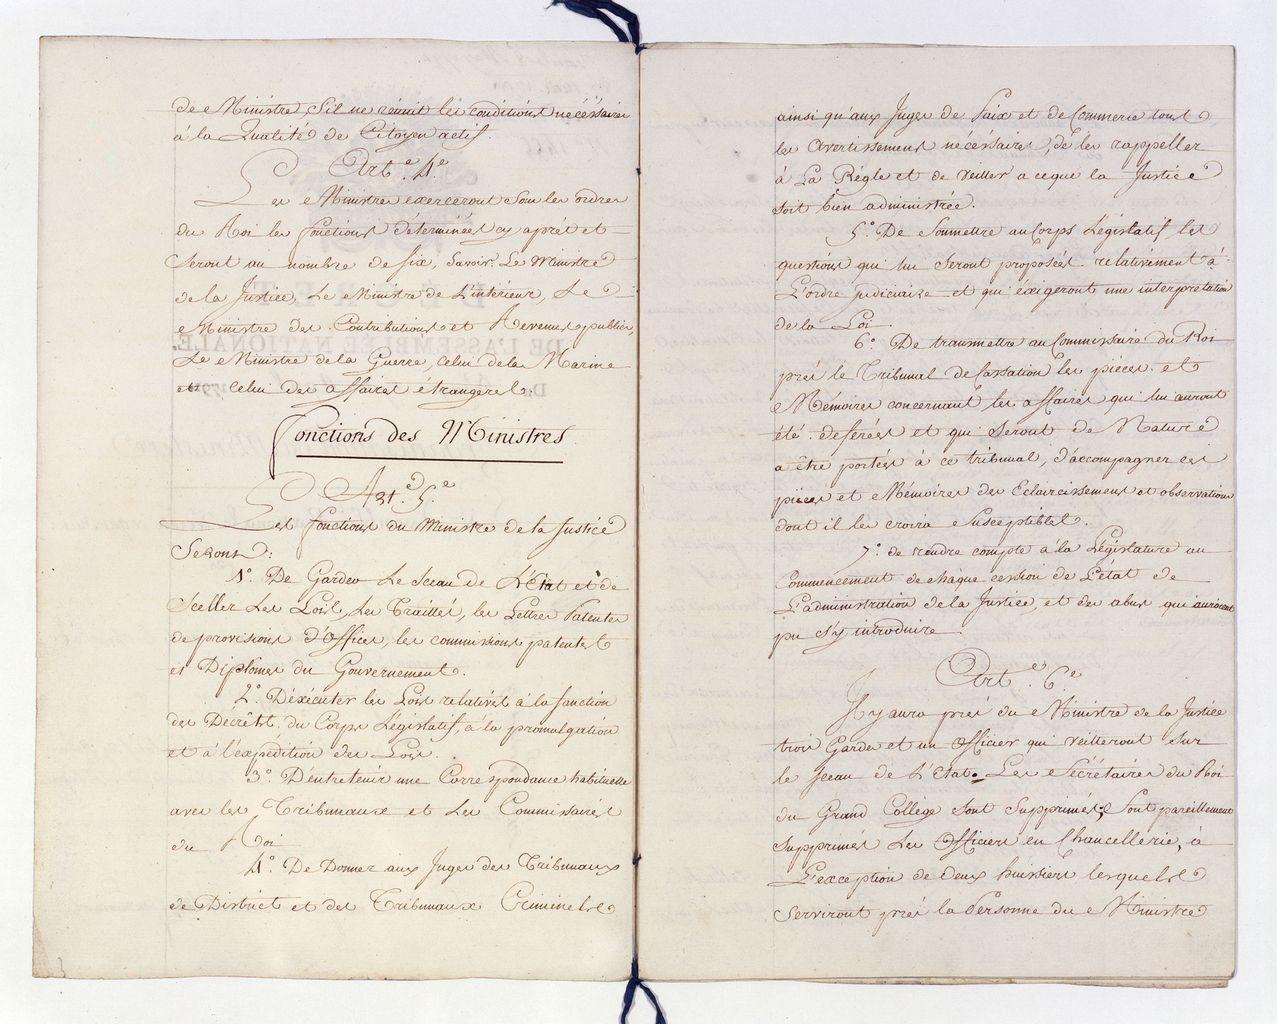 Décret des 27 avril-25 mai 1791 sur l'organisation des ministères. Articles 5 et 6 : De la justice. Paris, Archives Nationales [BB 34 1 14, n° 1455] © Archives nationales